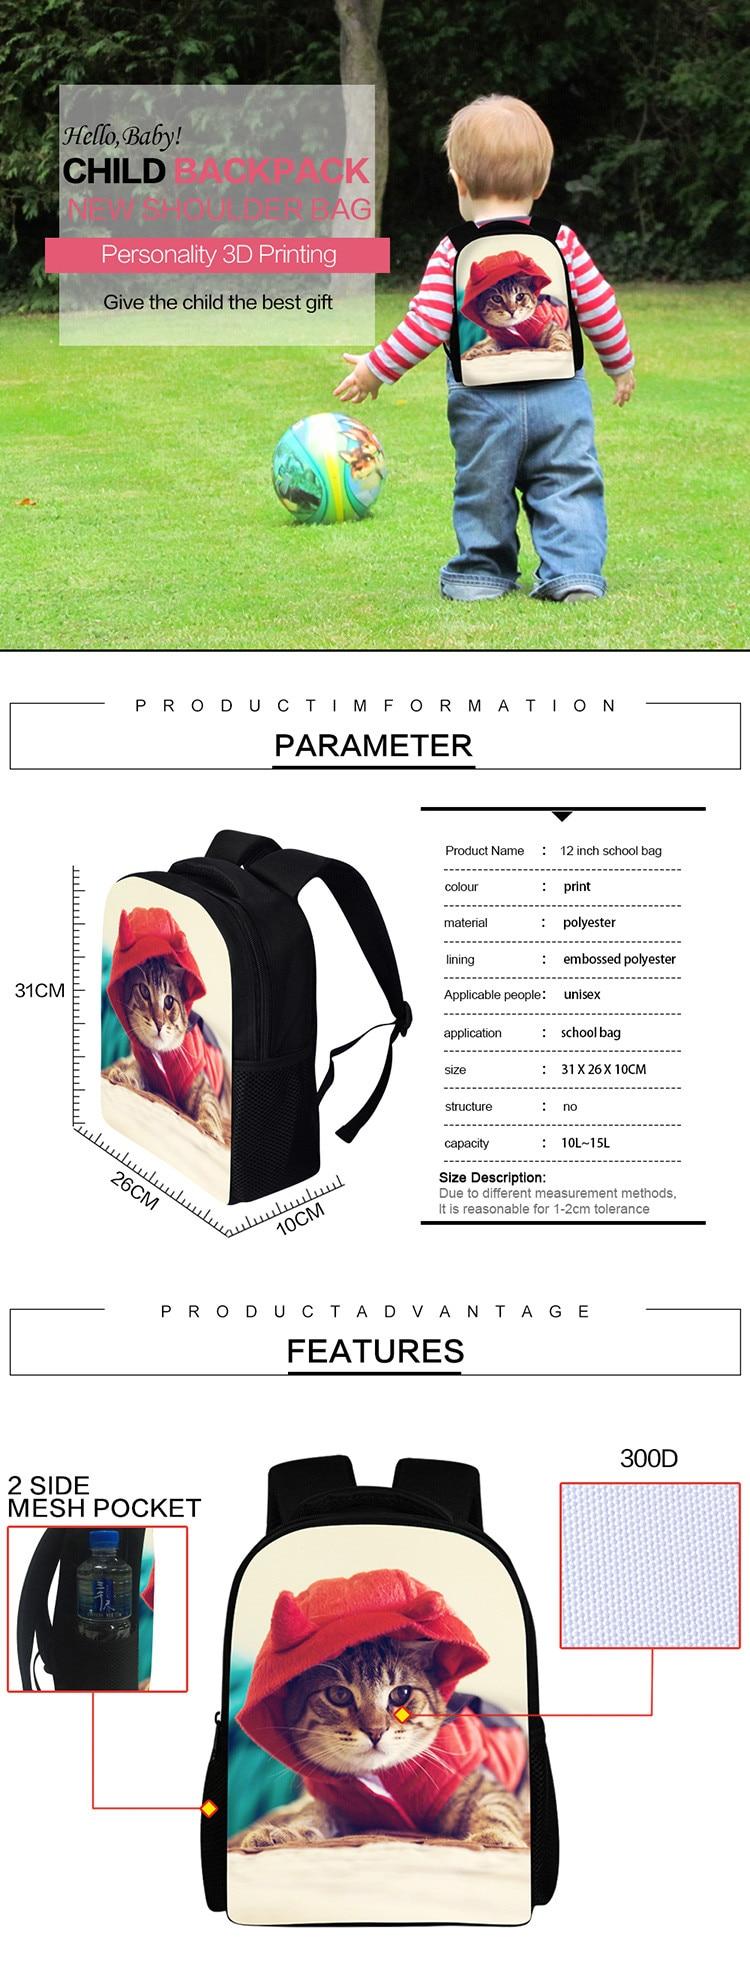 mochila escolar feminina mochila infa ntil mochila infantil menino mochila  escolar menina sac dos mini backpack mini backpacks for girls children  backpacks e5833f363e0c3